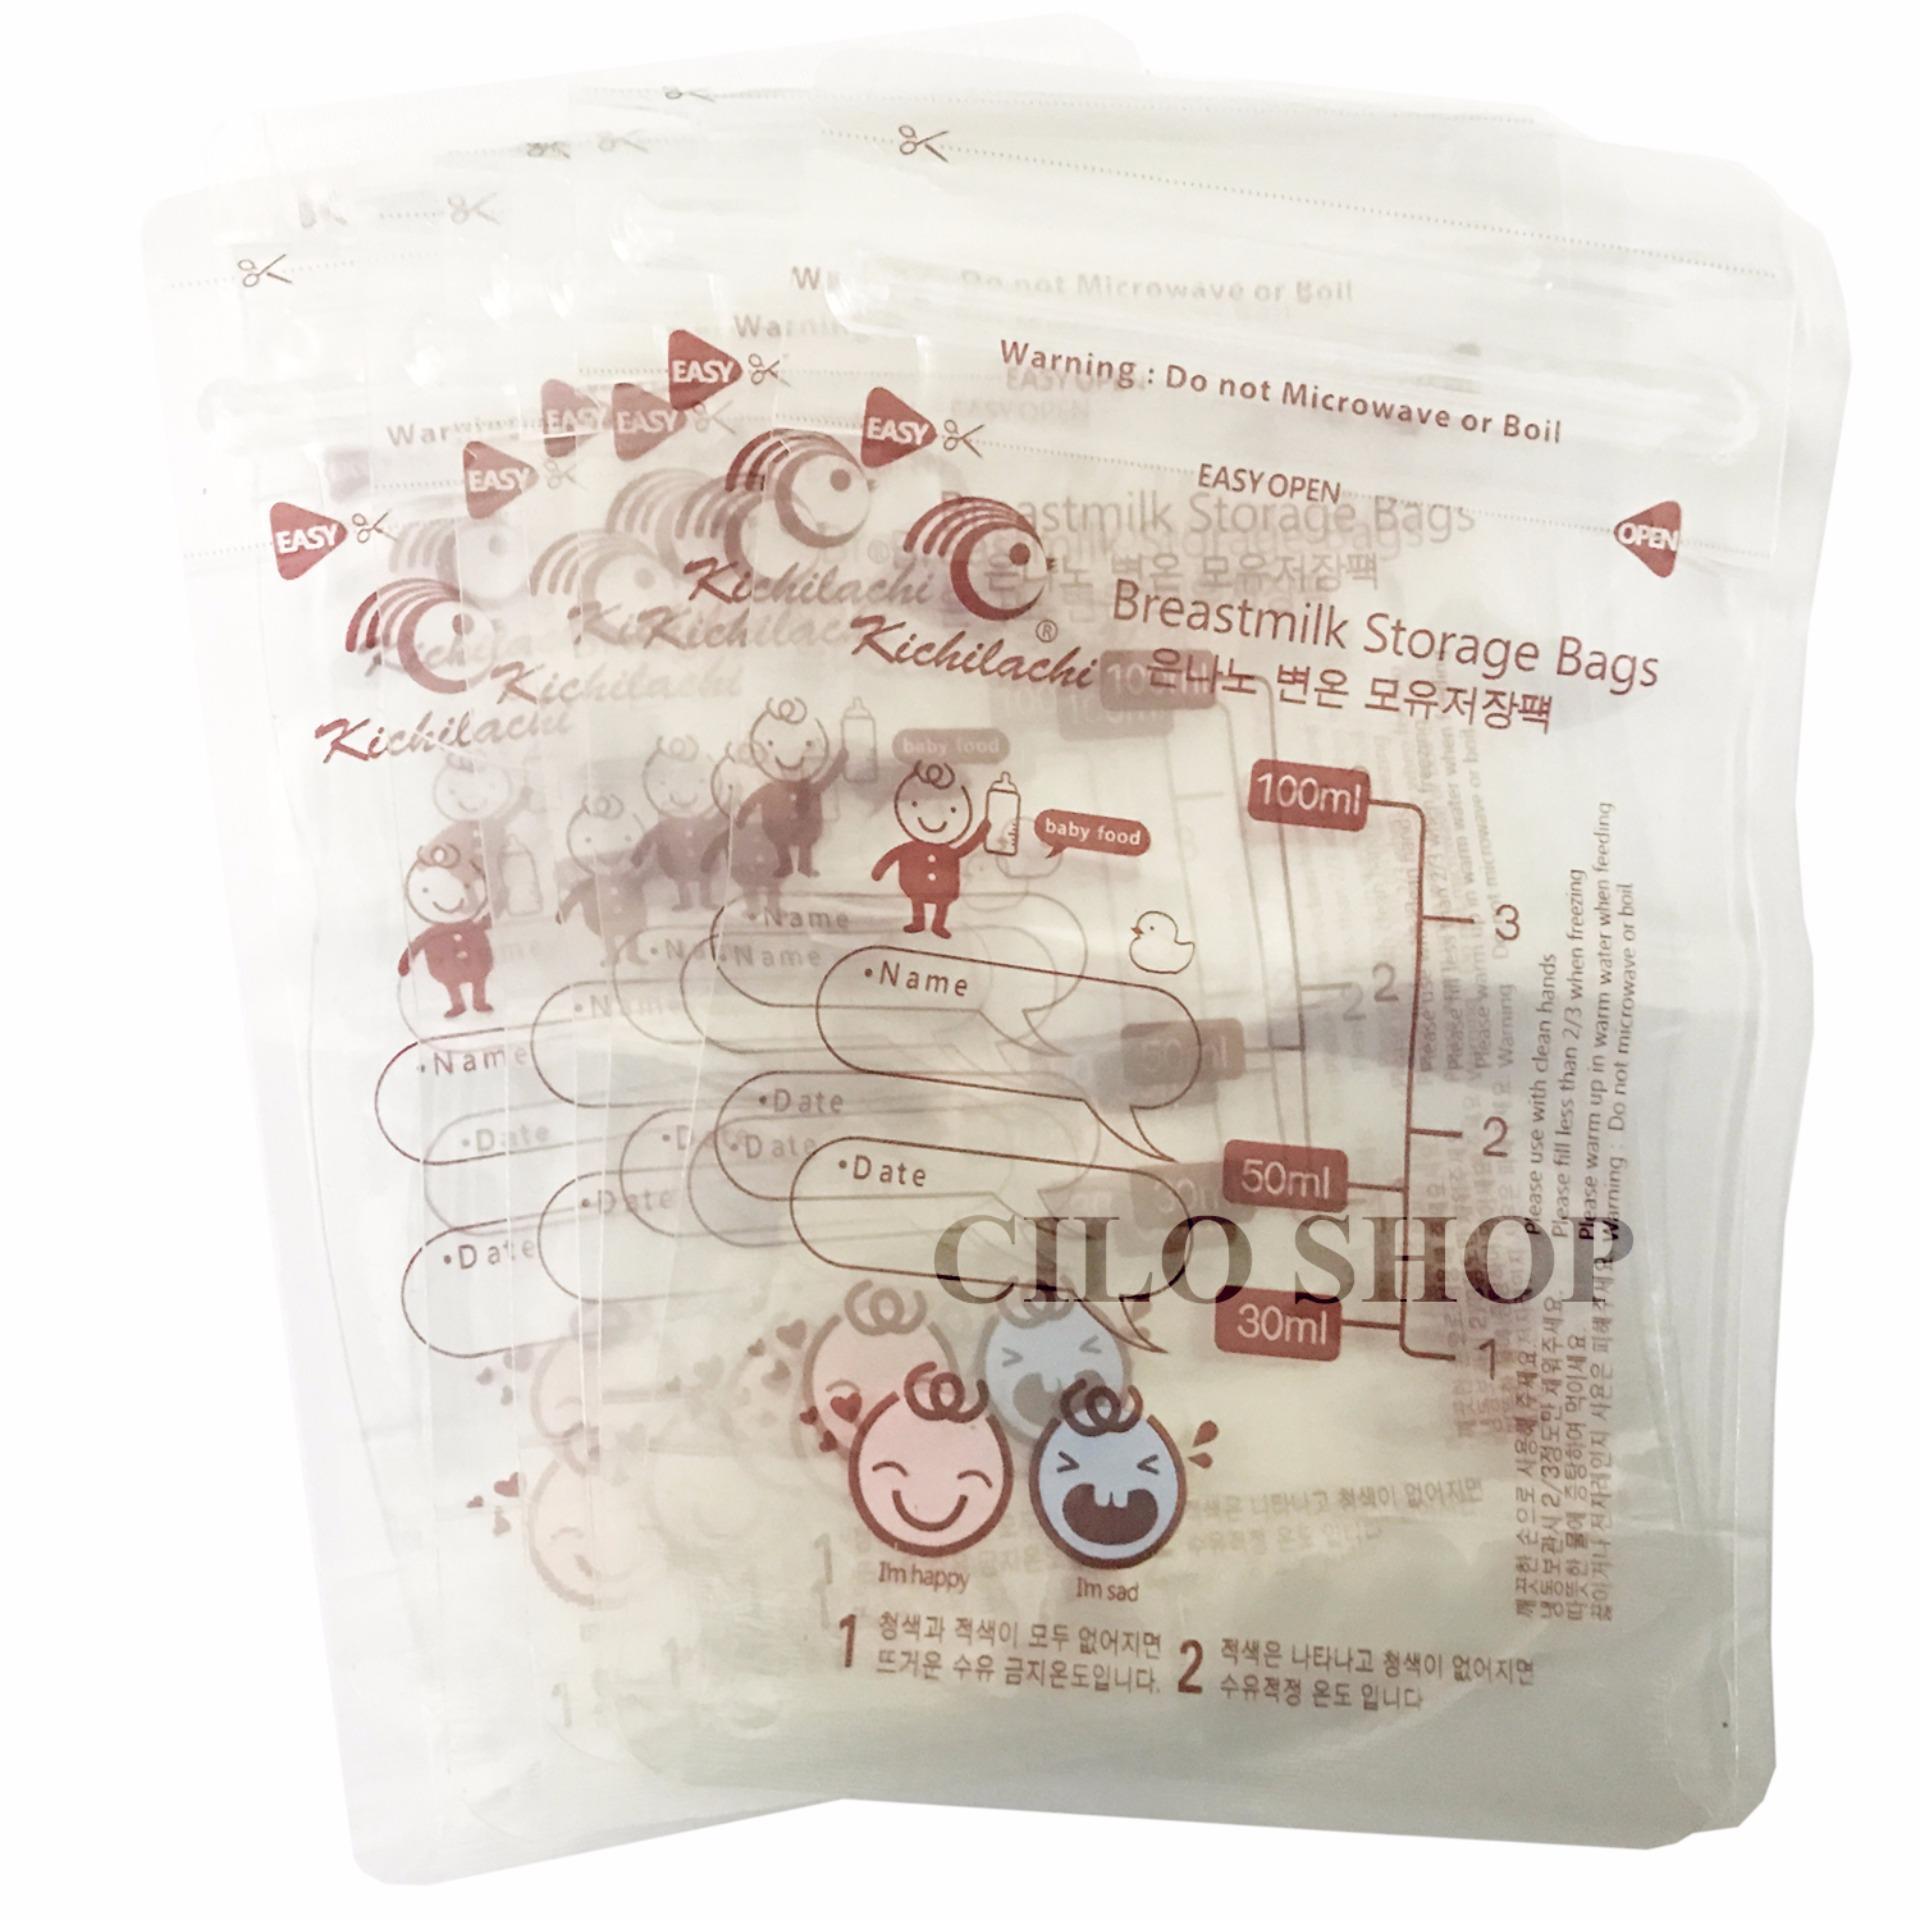 Bộ 30 Túi Đựng Sữa Kichilachi